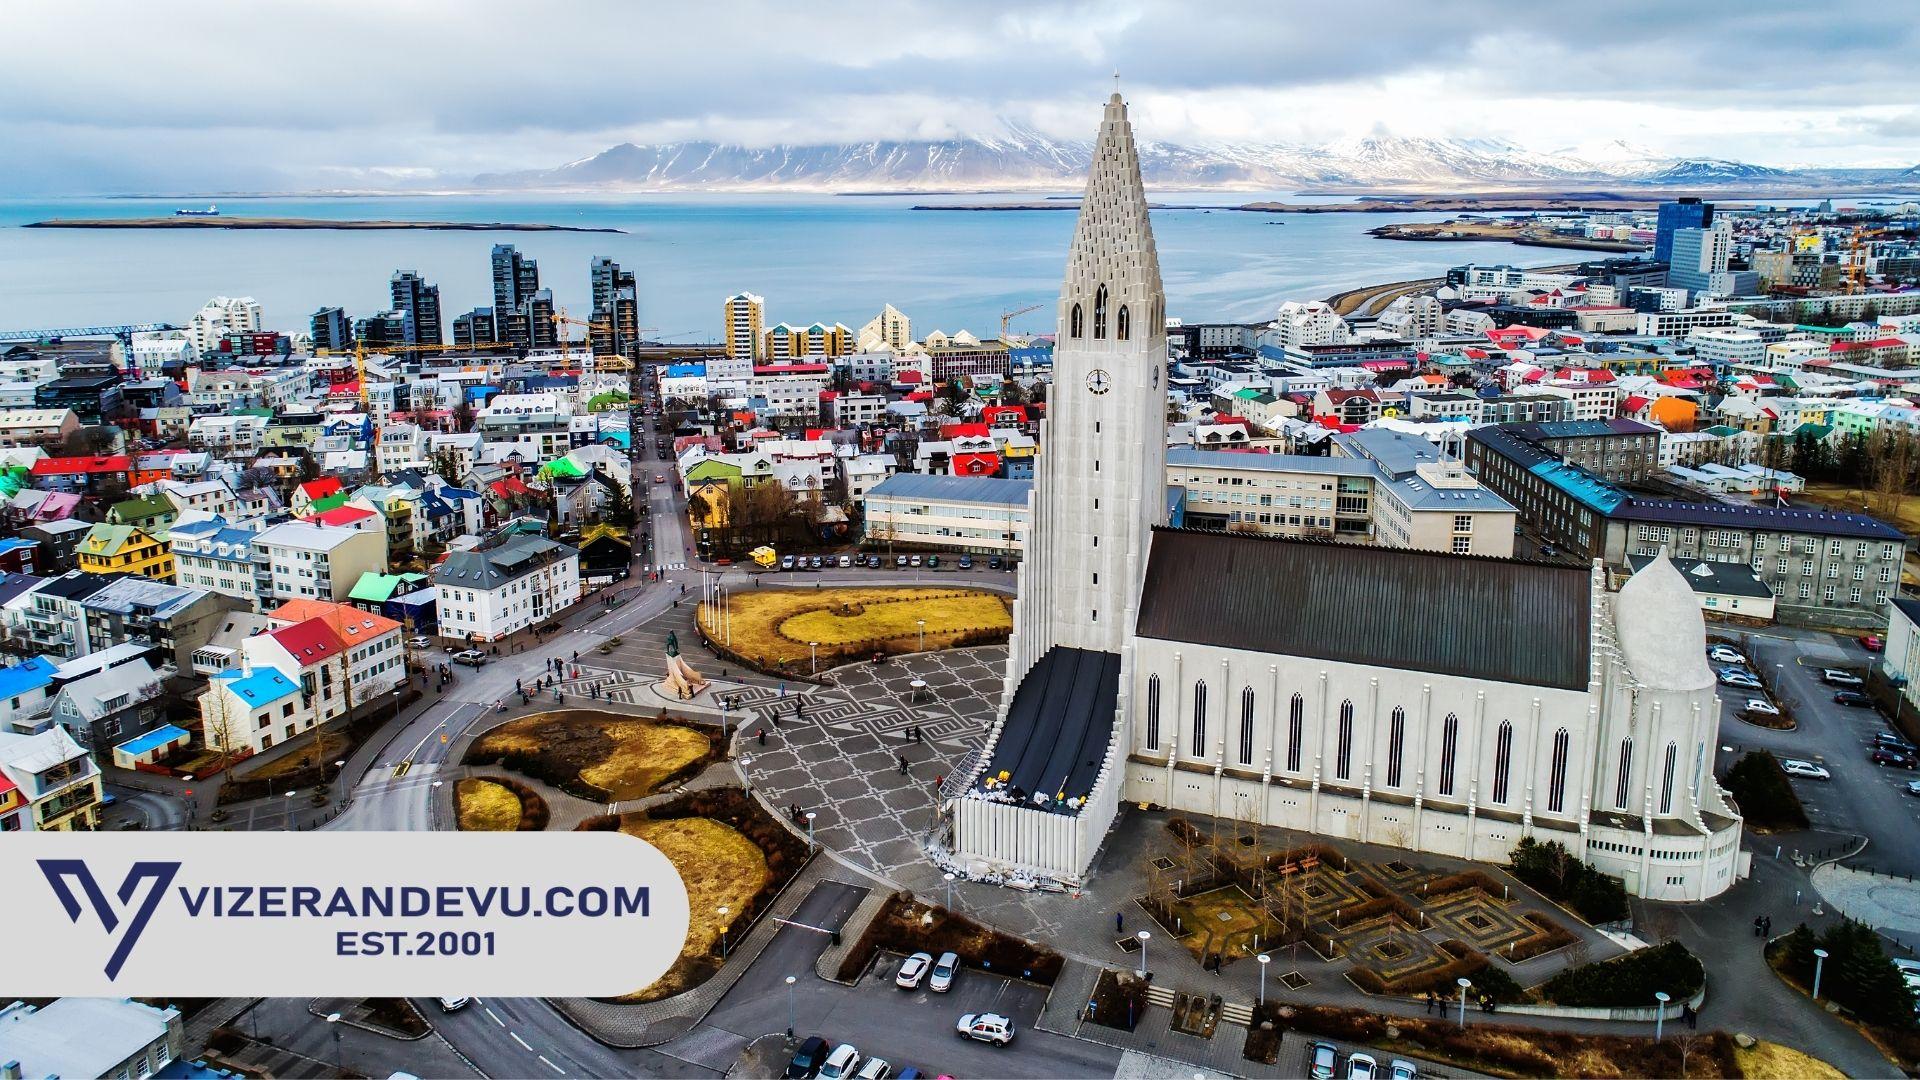 İzlanda Vize Gerekli Evraklar Nelerdir?